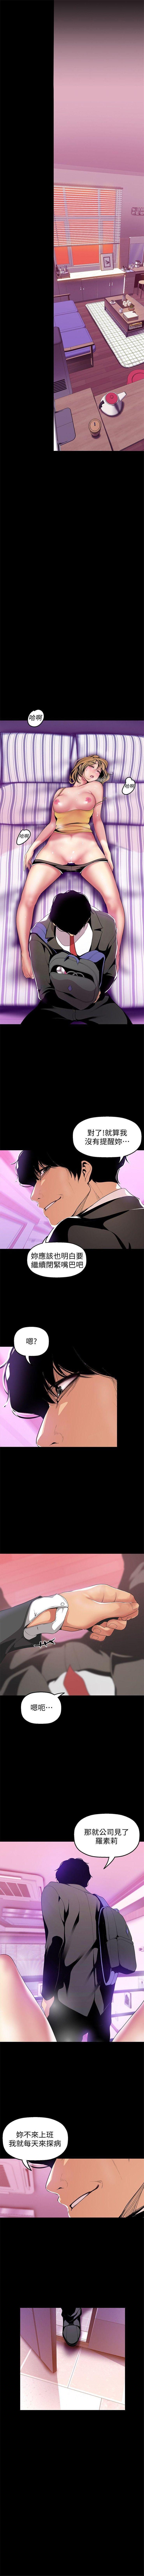 (週1)美麗新世界 1-70 中文翻譯 (更新中) 322